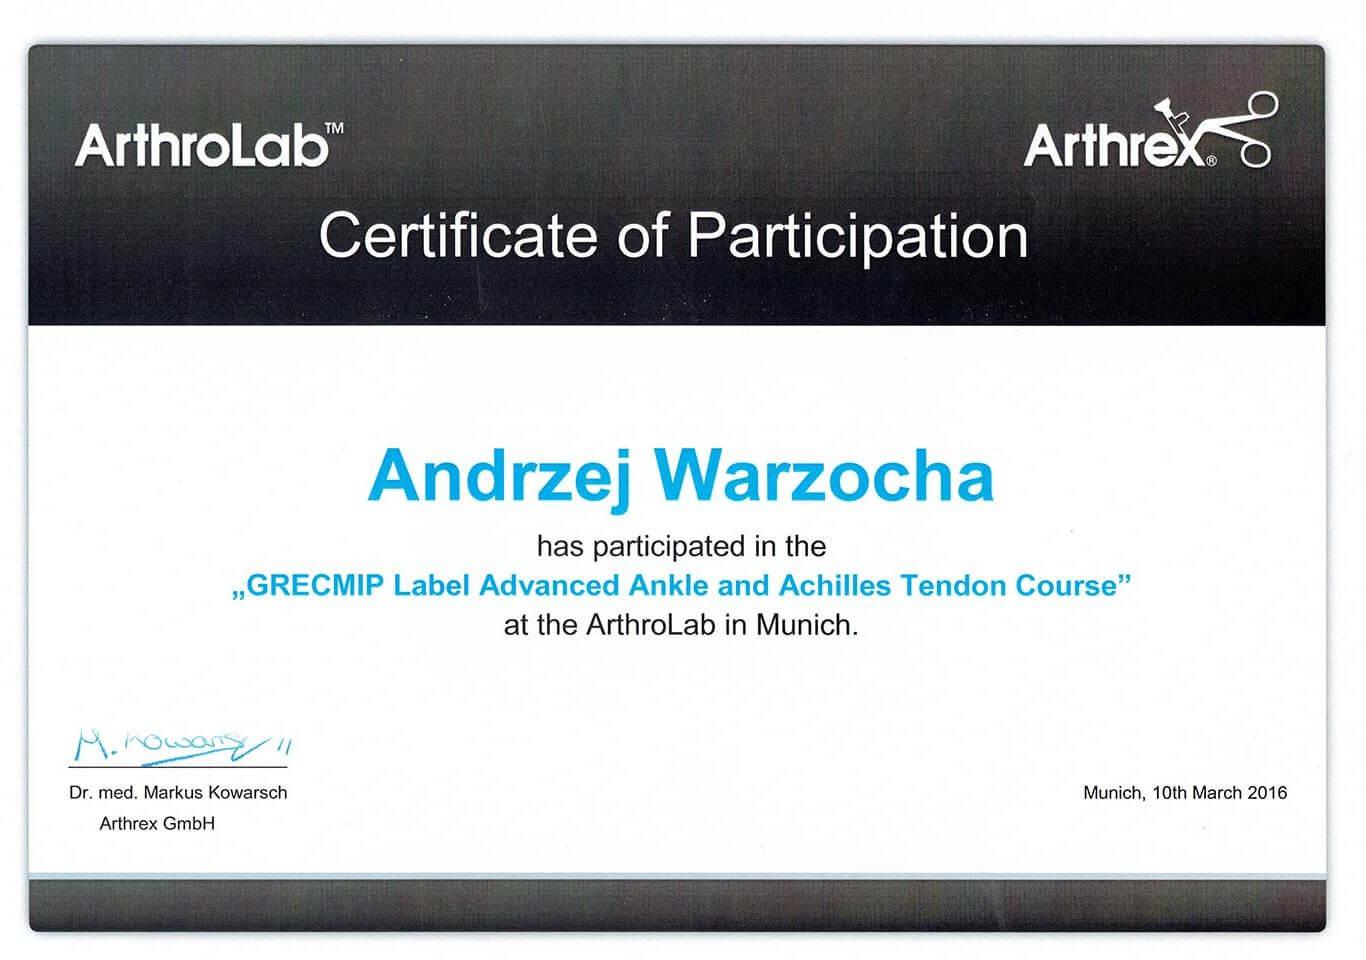 certyfikat-dyplom-adrzej-warzocha (39)